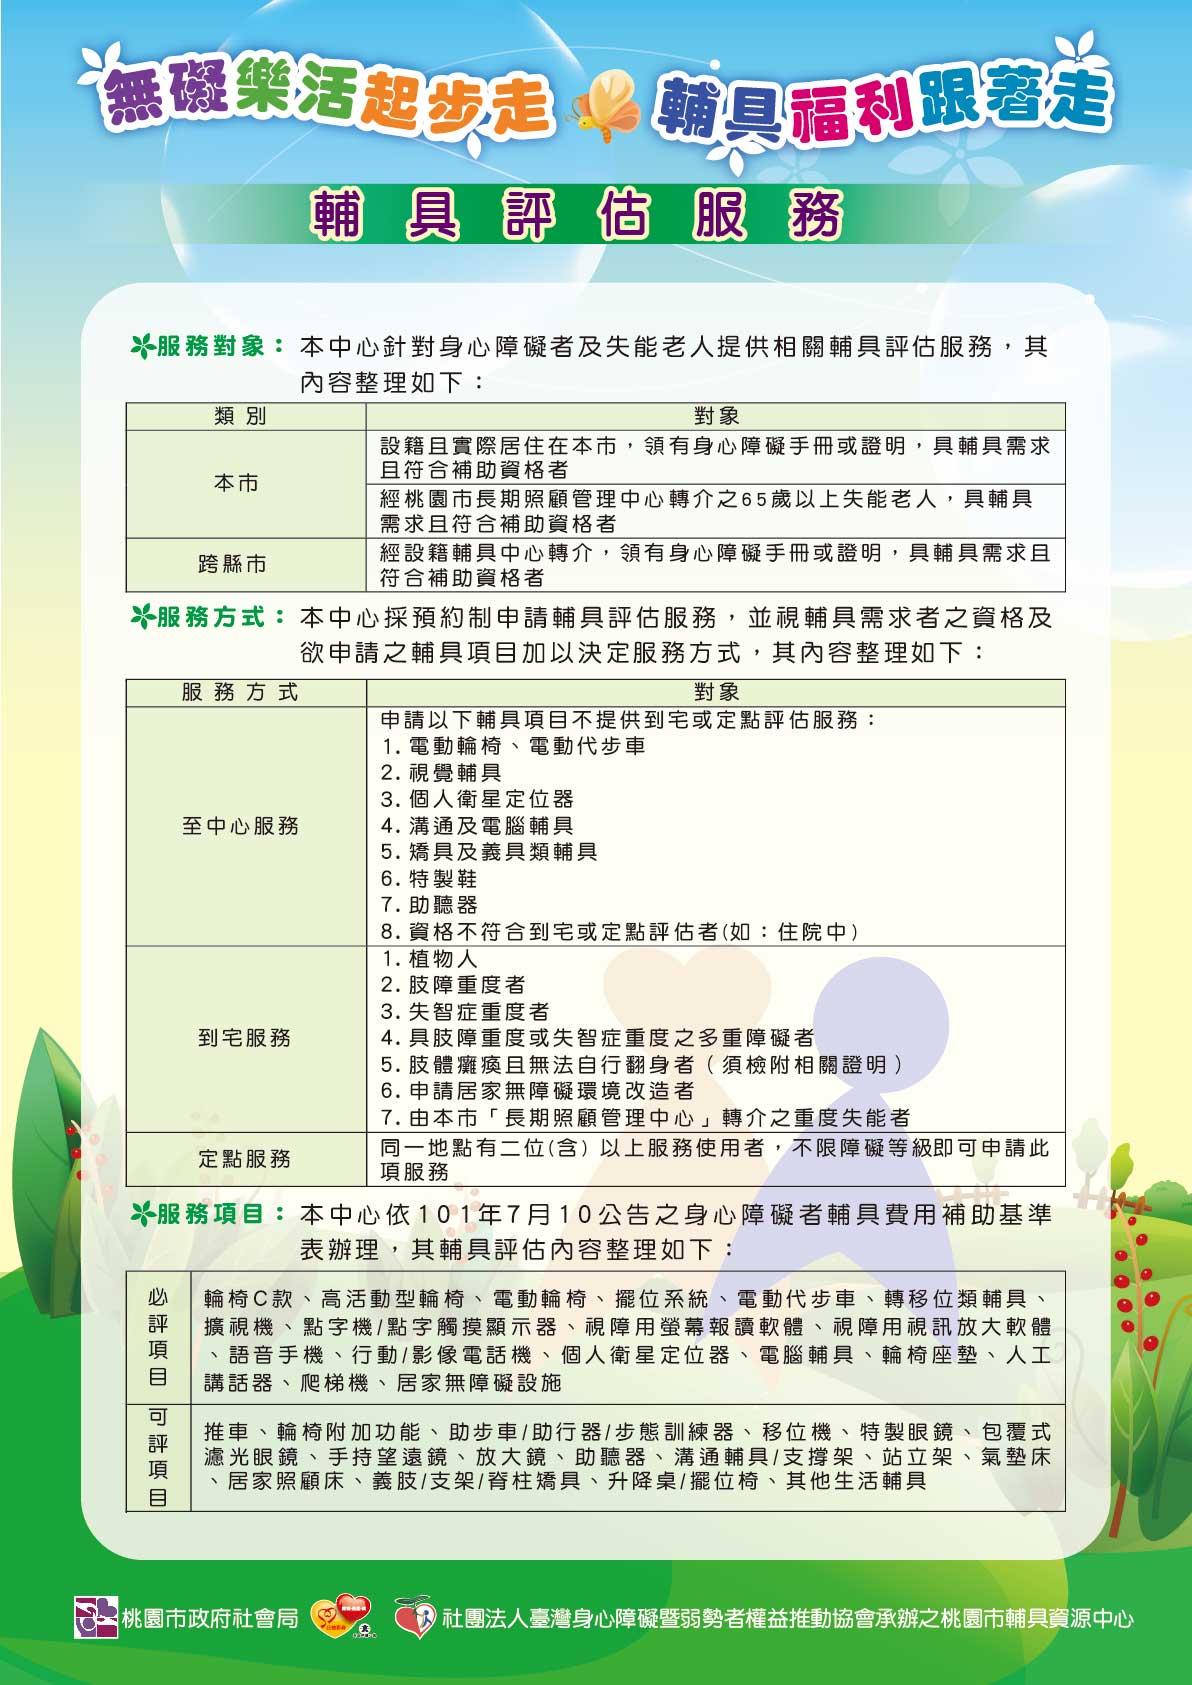 輔具01評估服務海報-1104-01(OK).jpg